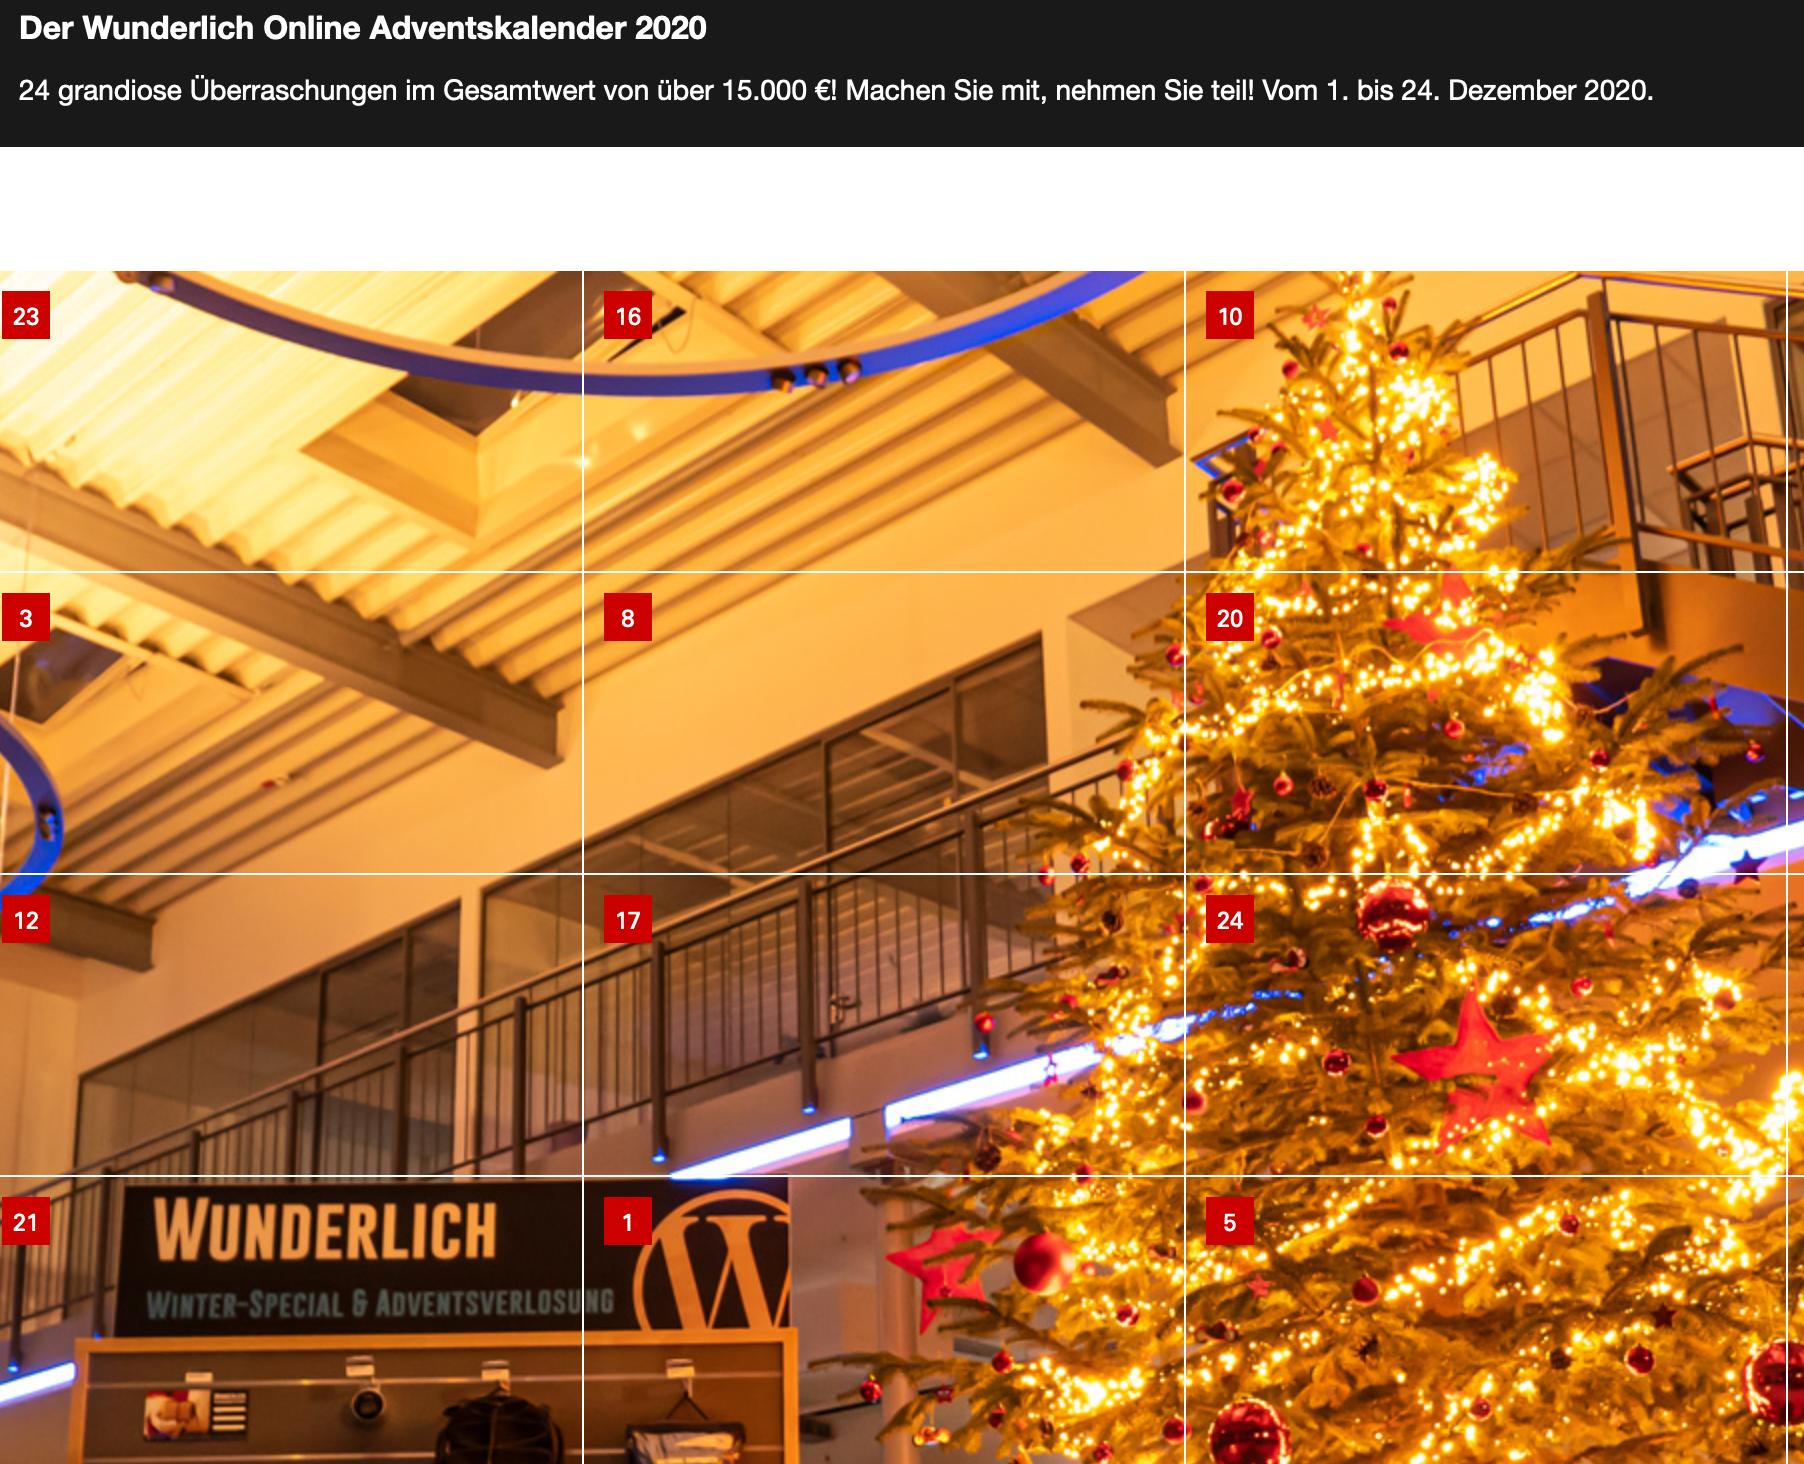 Bildschirmfoto 2020-12-02 um 17.57.57.png